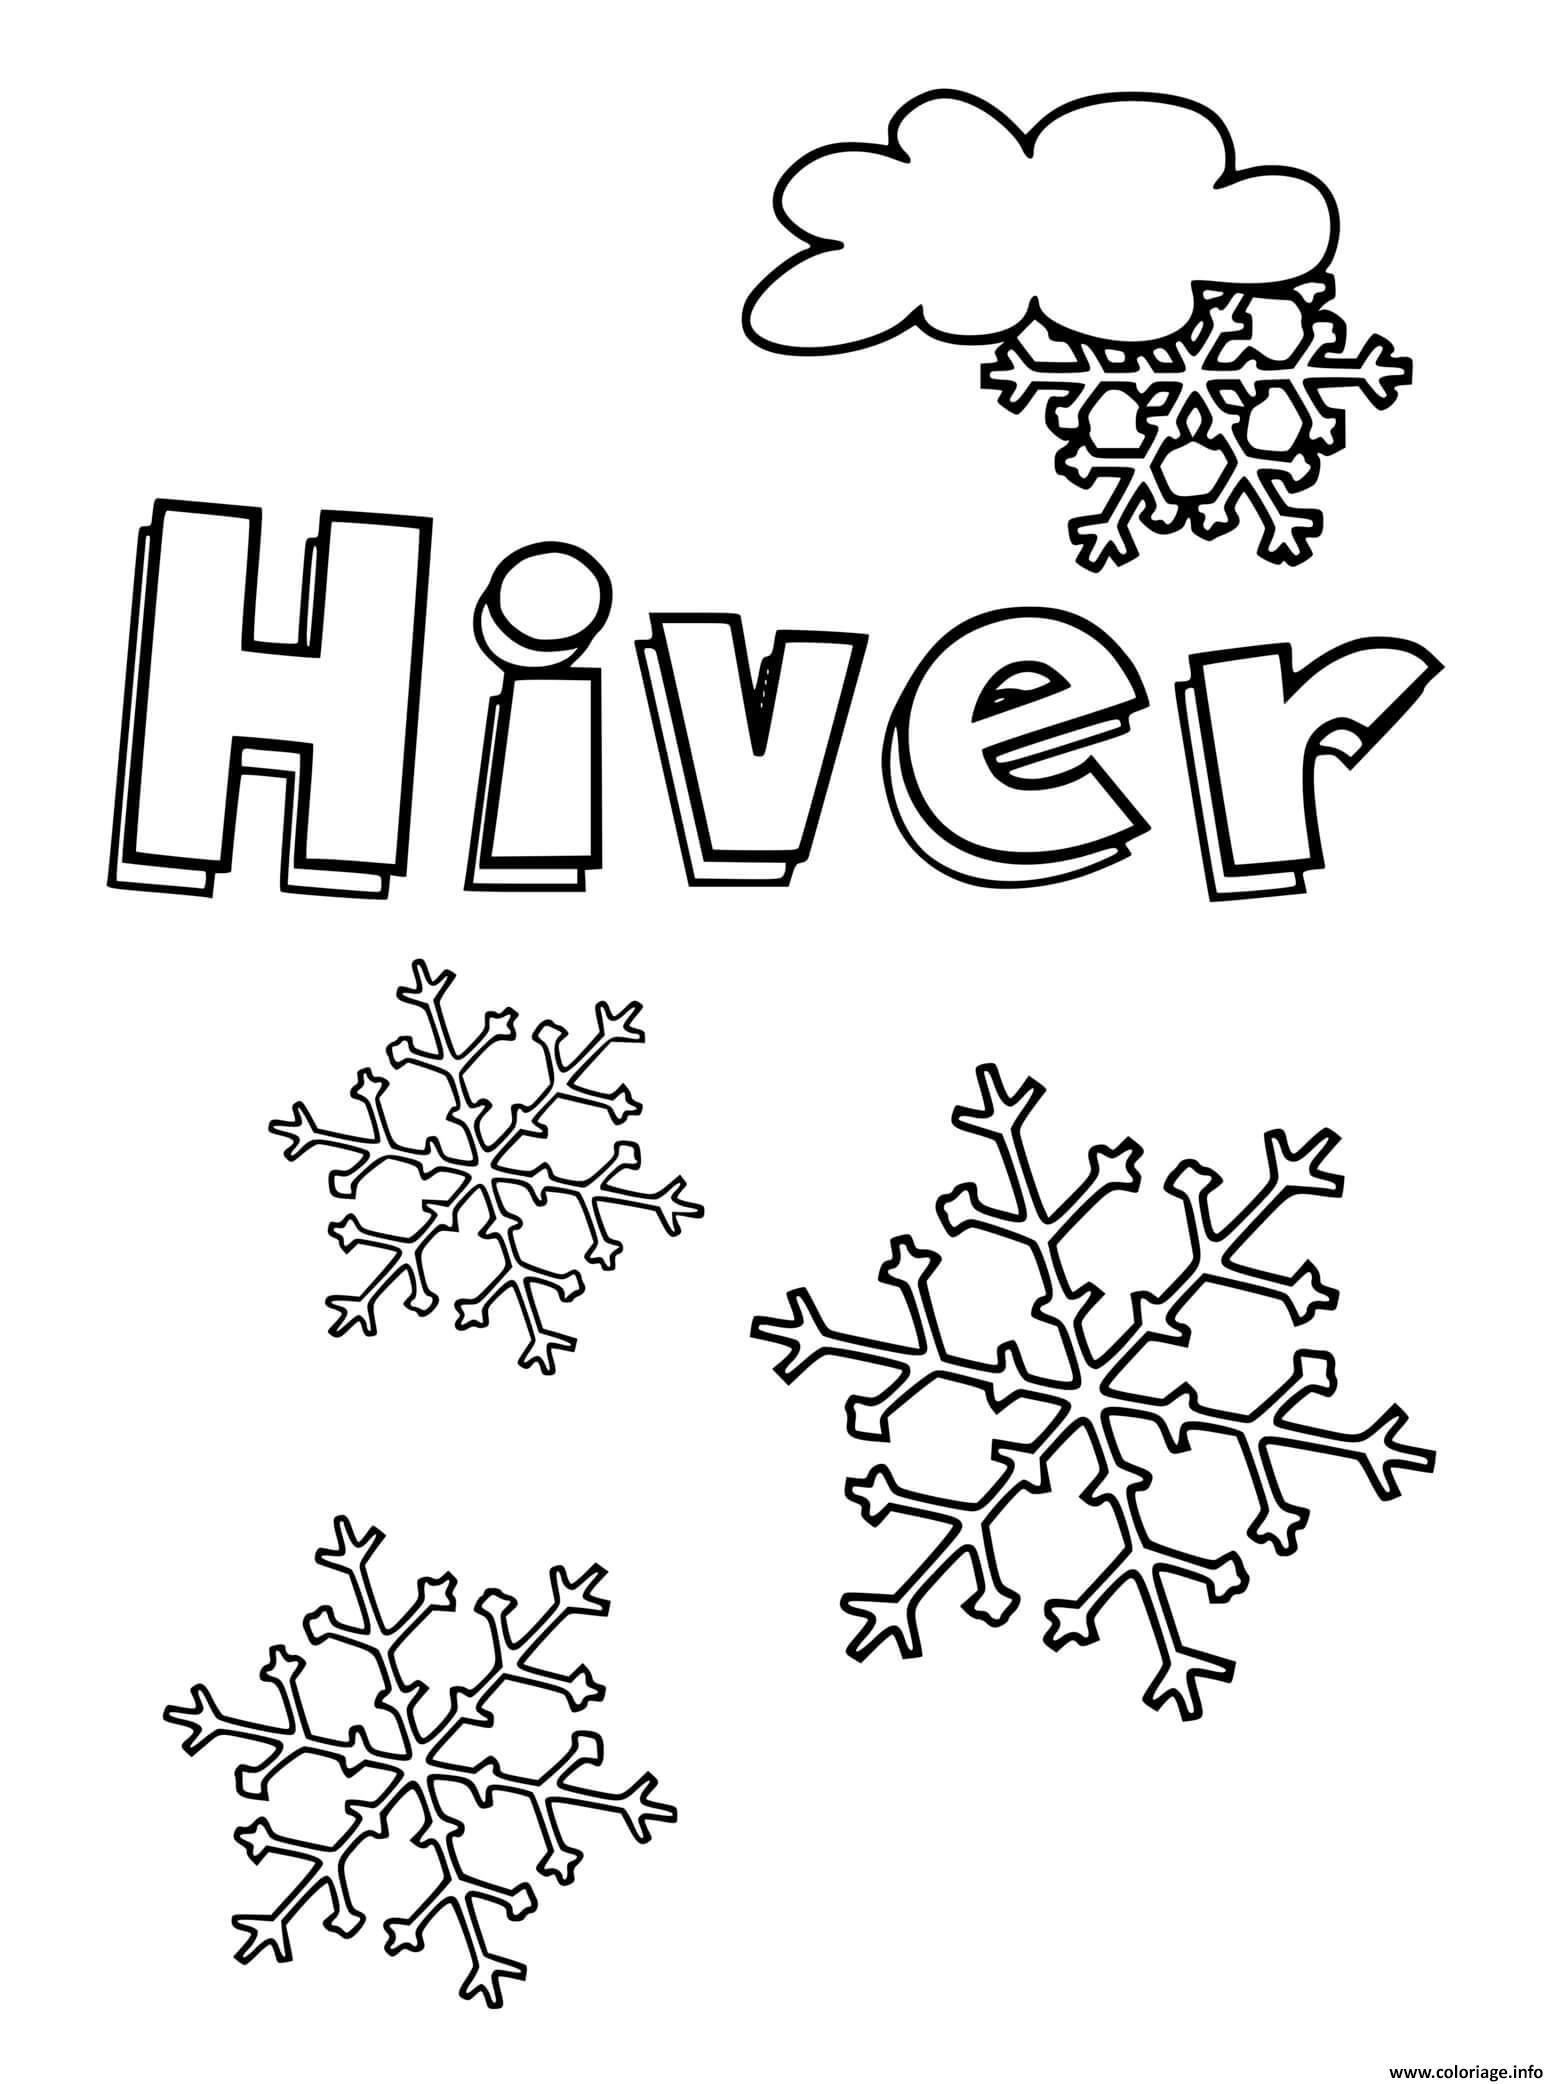 Dessin hiver mois de decembre Coloriage Gratuit à Imprimer